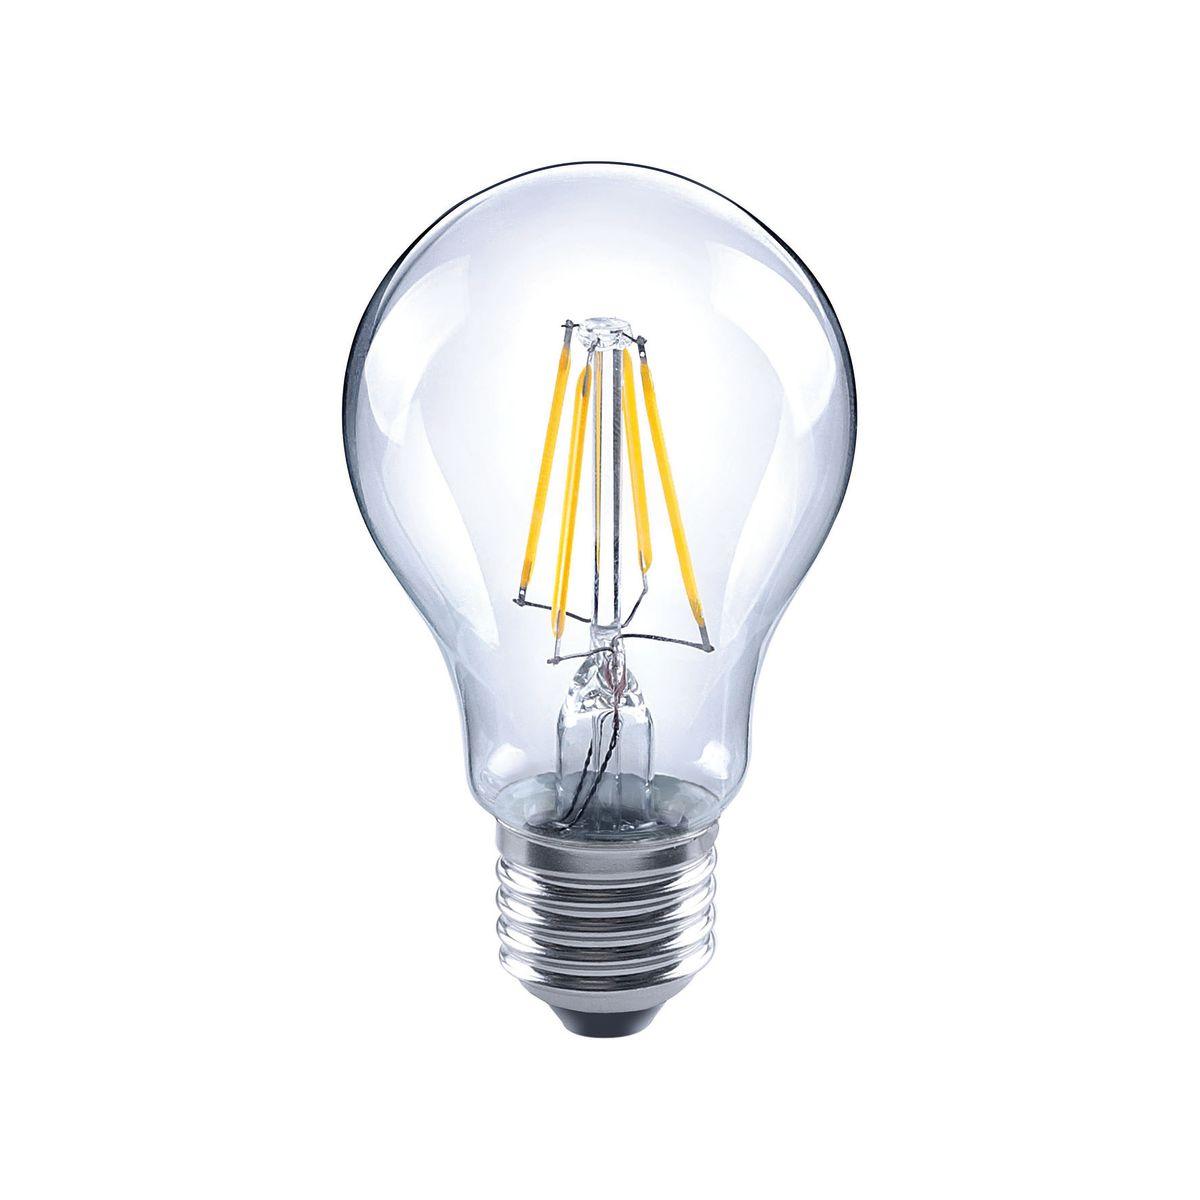 Lampadina led lexman filamento e27 40w goccia luce calda for Leroy merlin lampadine led